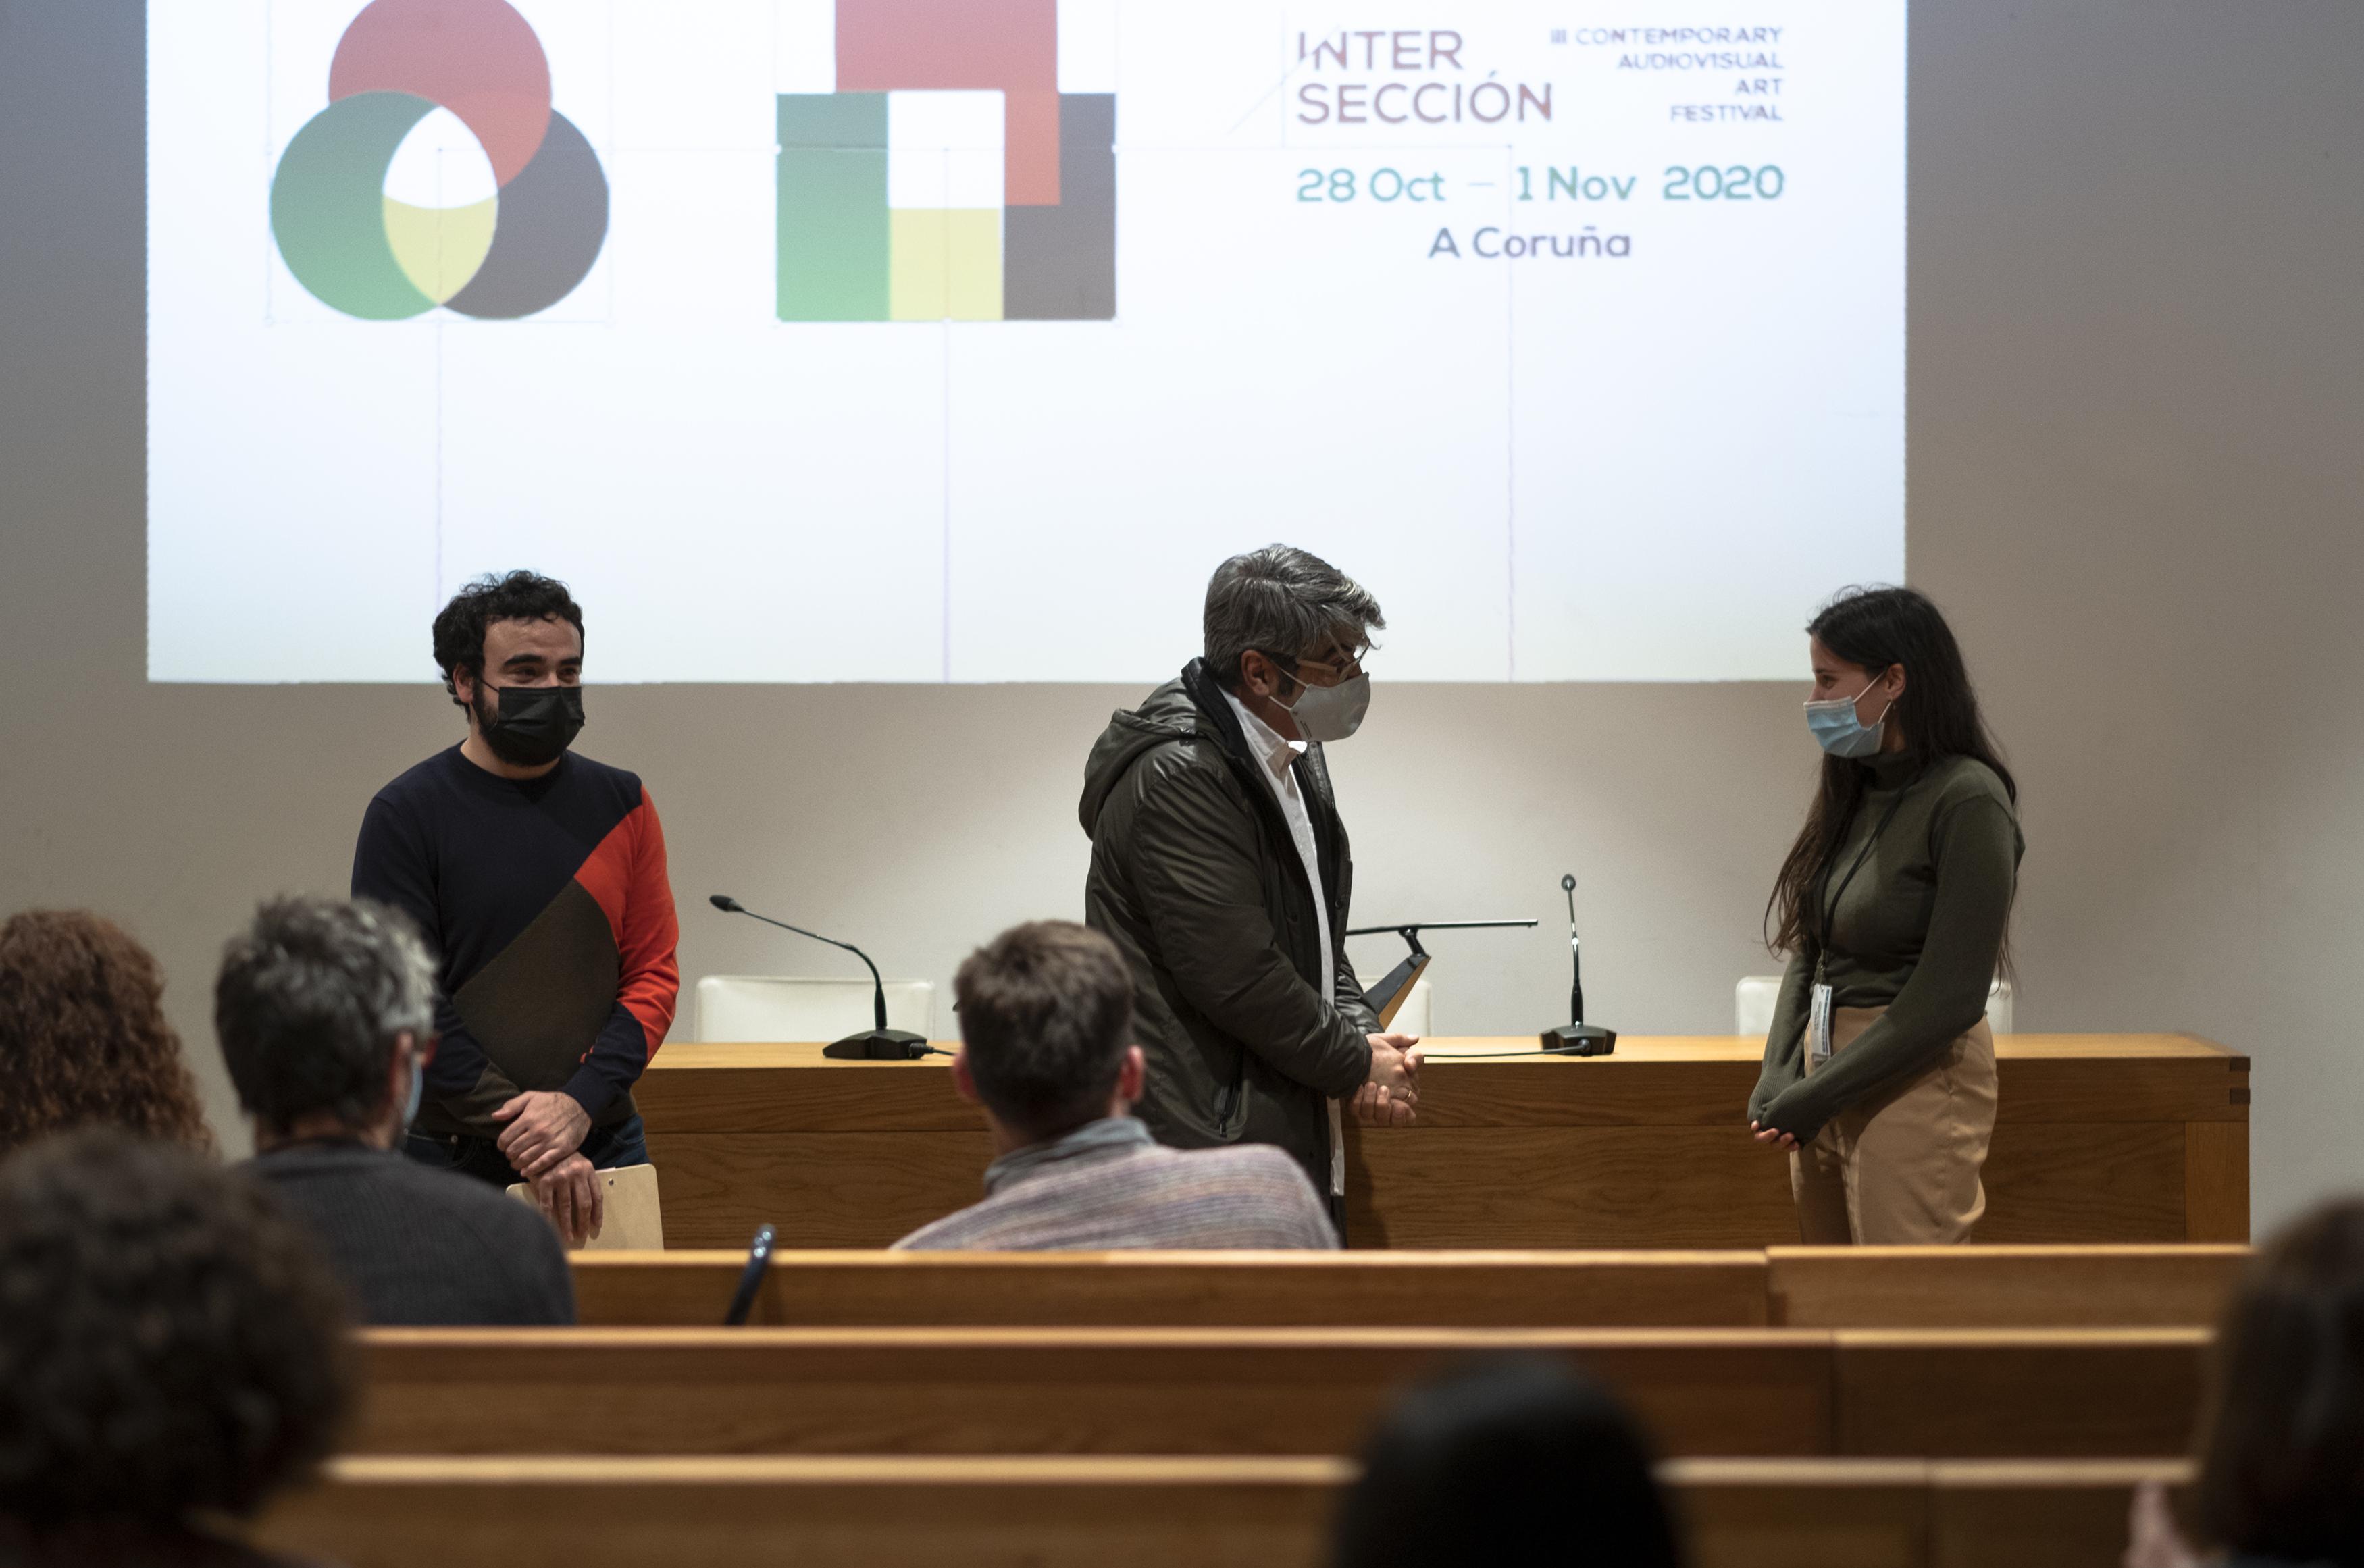 A presenza do audiovisual galego fíxose notar nos palmarés das dúas citas con sección galega propia